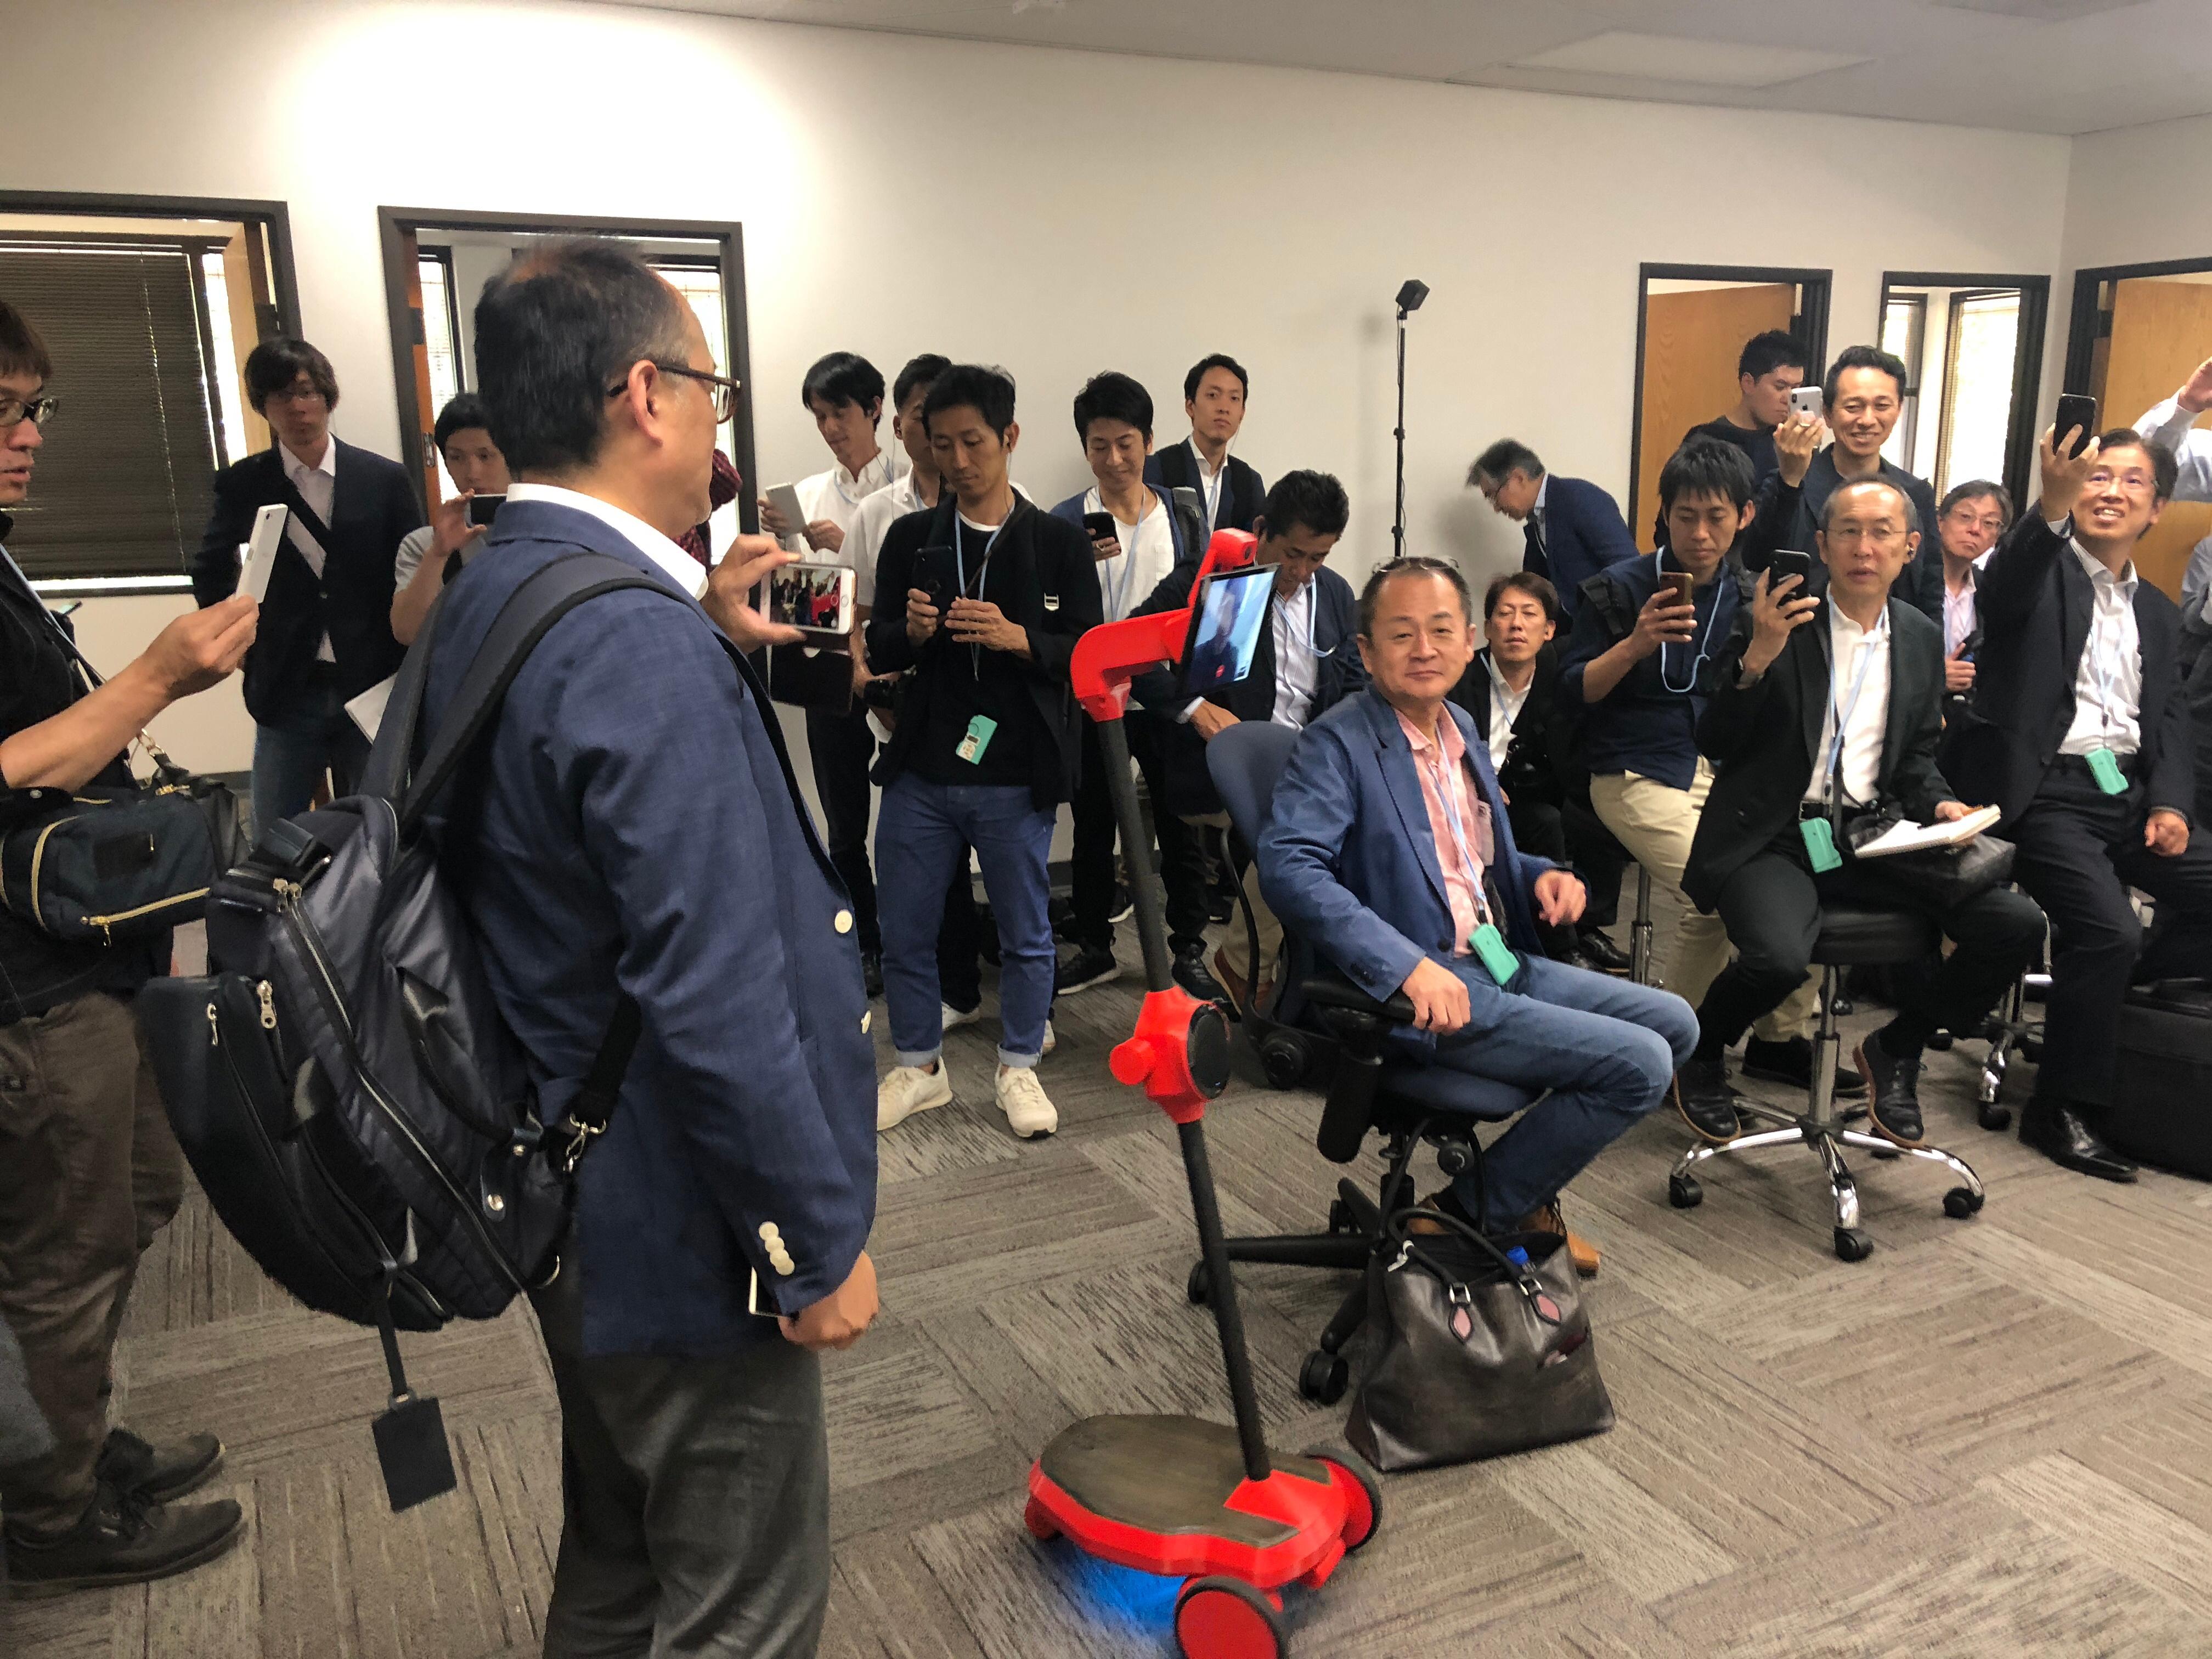 OhmniLabs - Japan Management Delegation Consultants Association - JMCA - Ohmni Bot